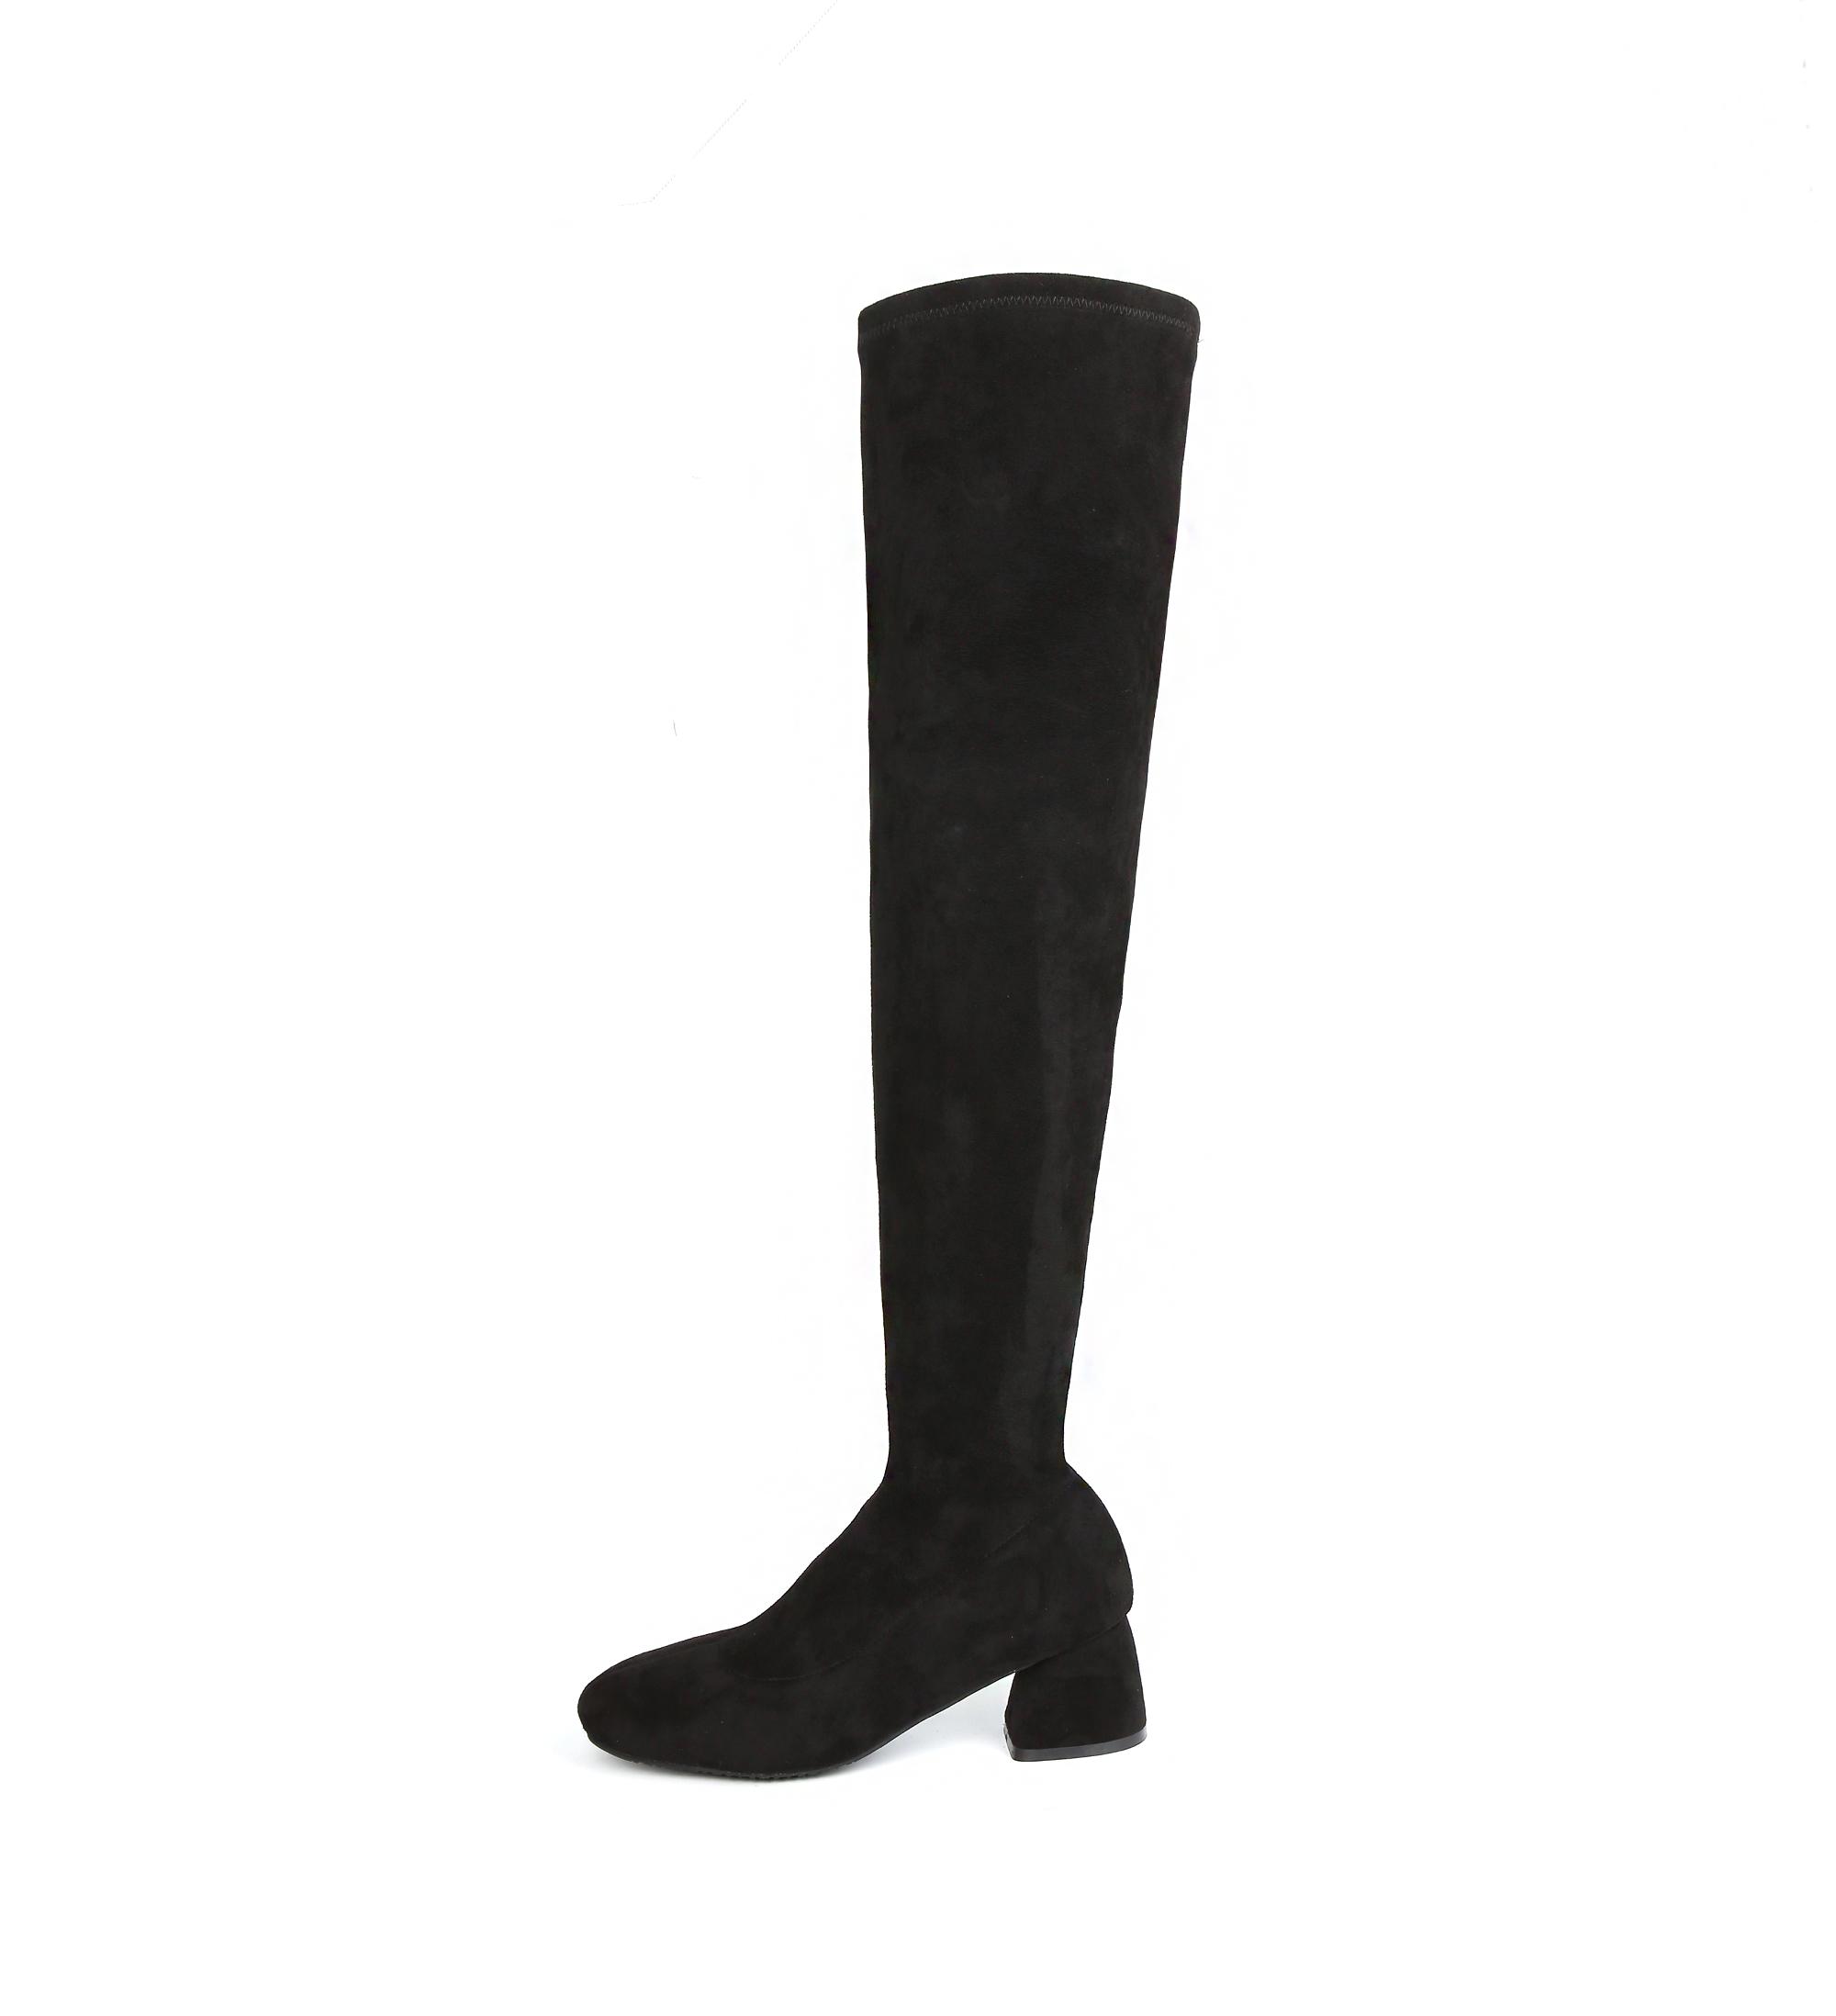 리플라(LI FLA) 19B514 black socks high ankle boots